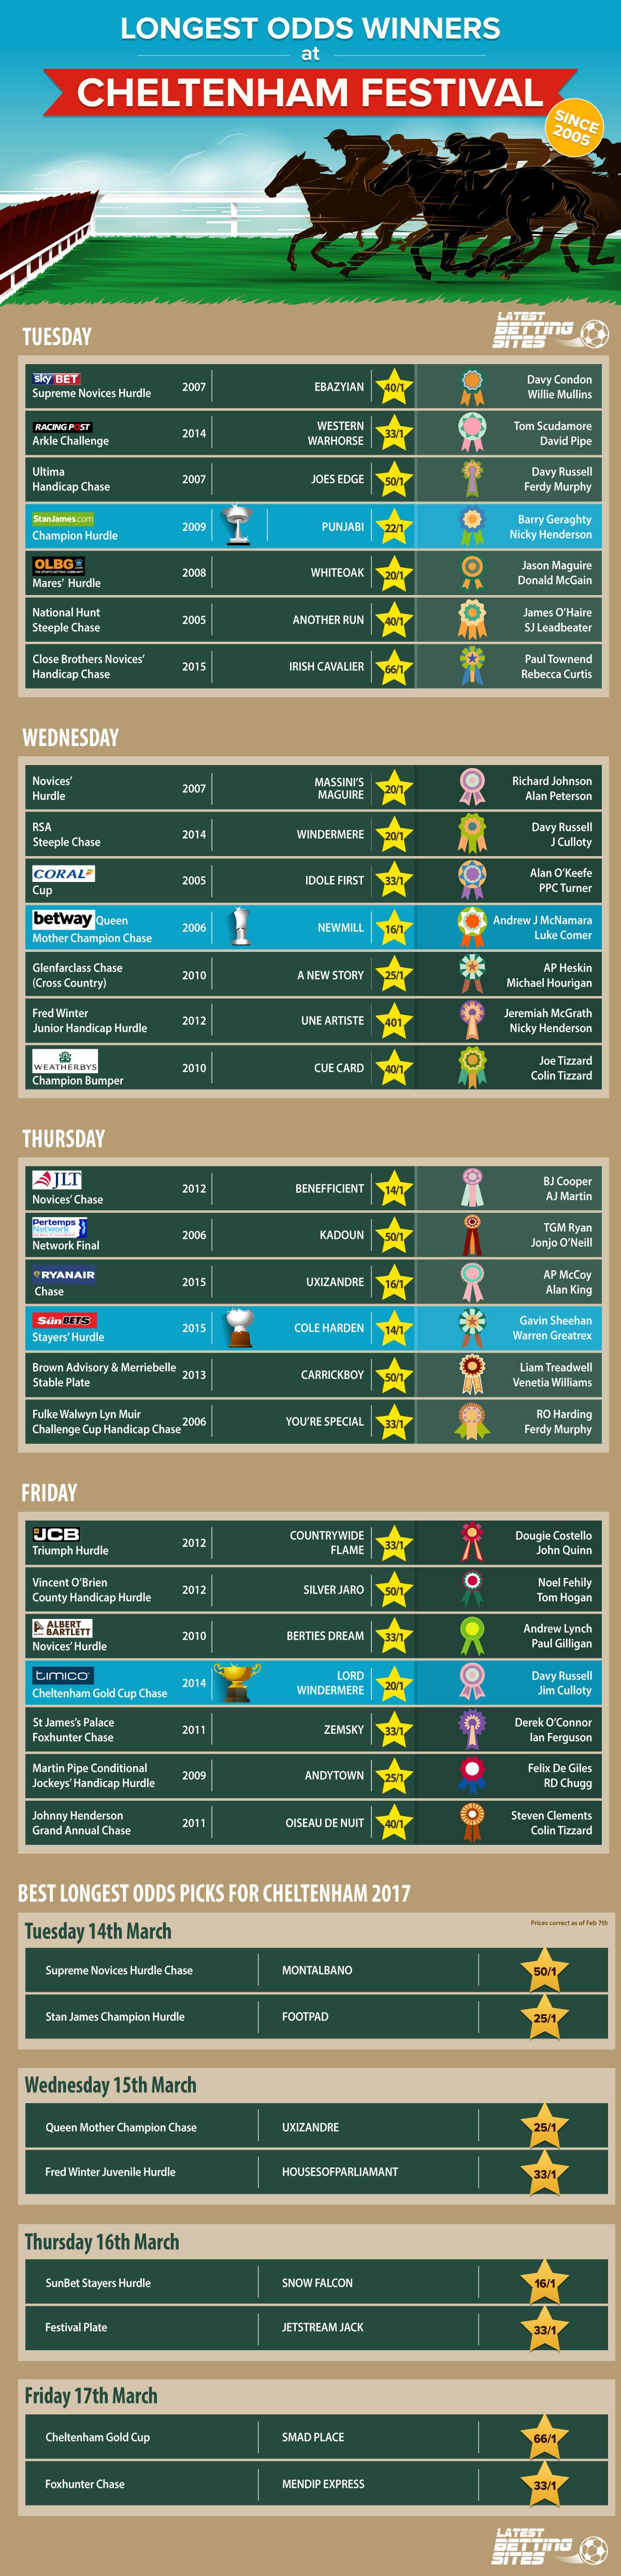 Infographic : Longest Odds Winners at Cheltenham Festival